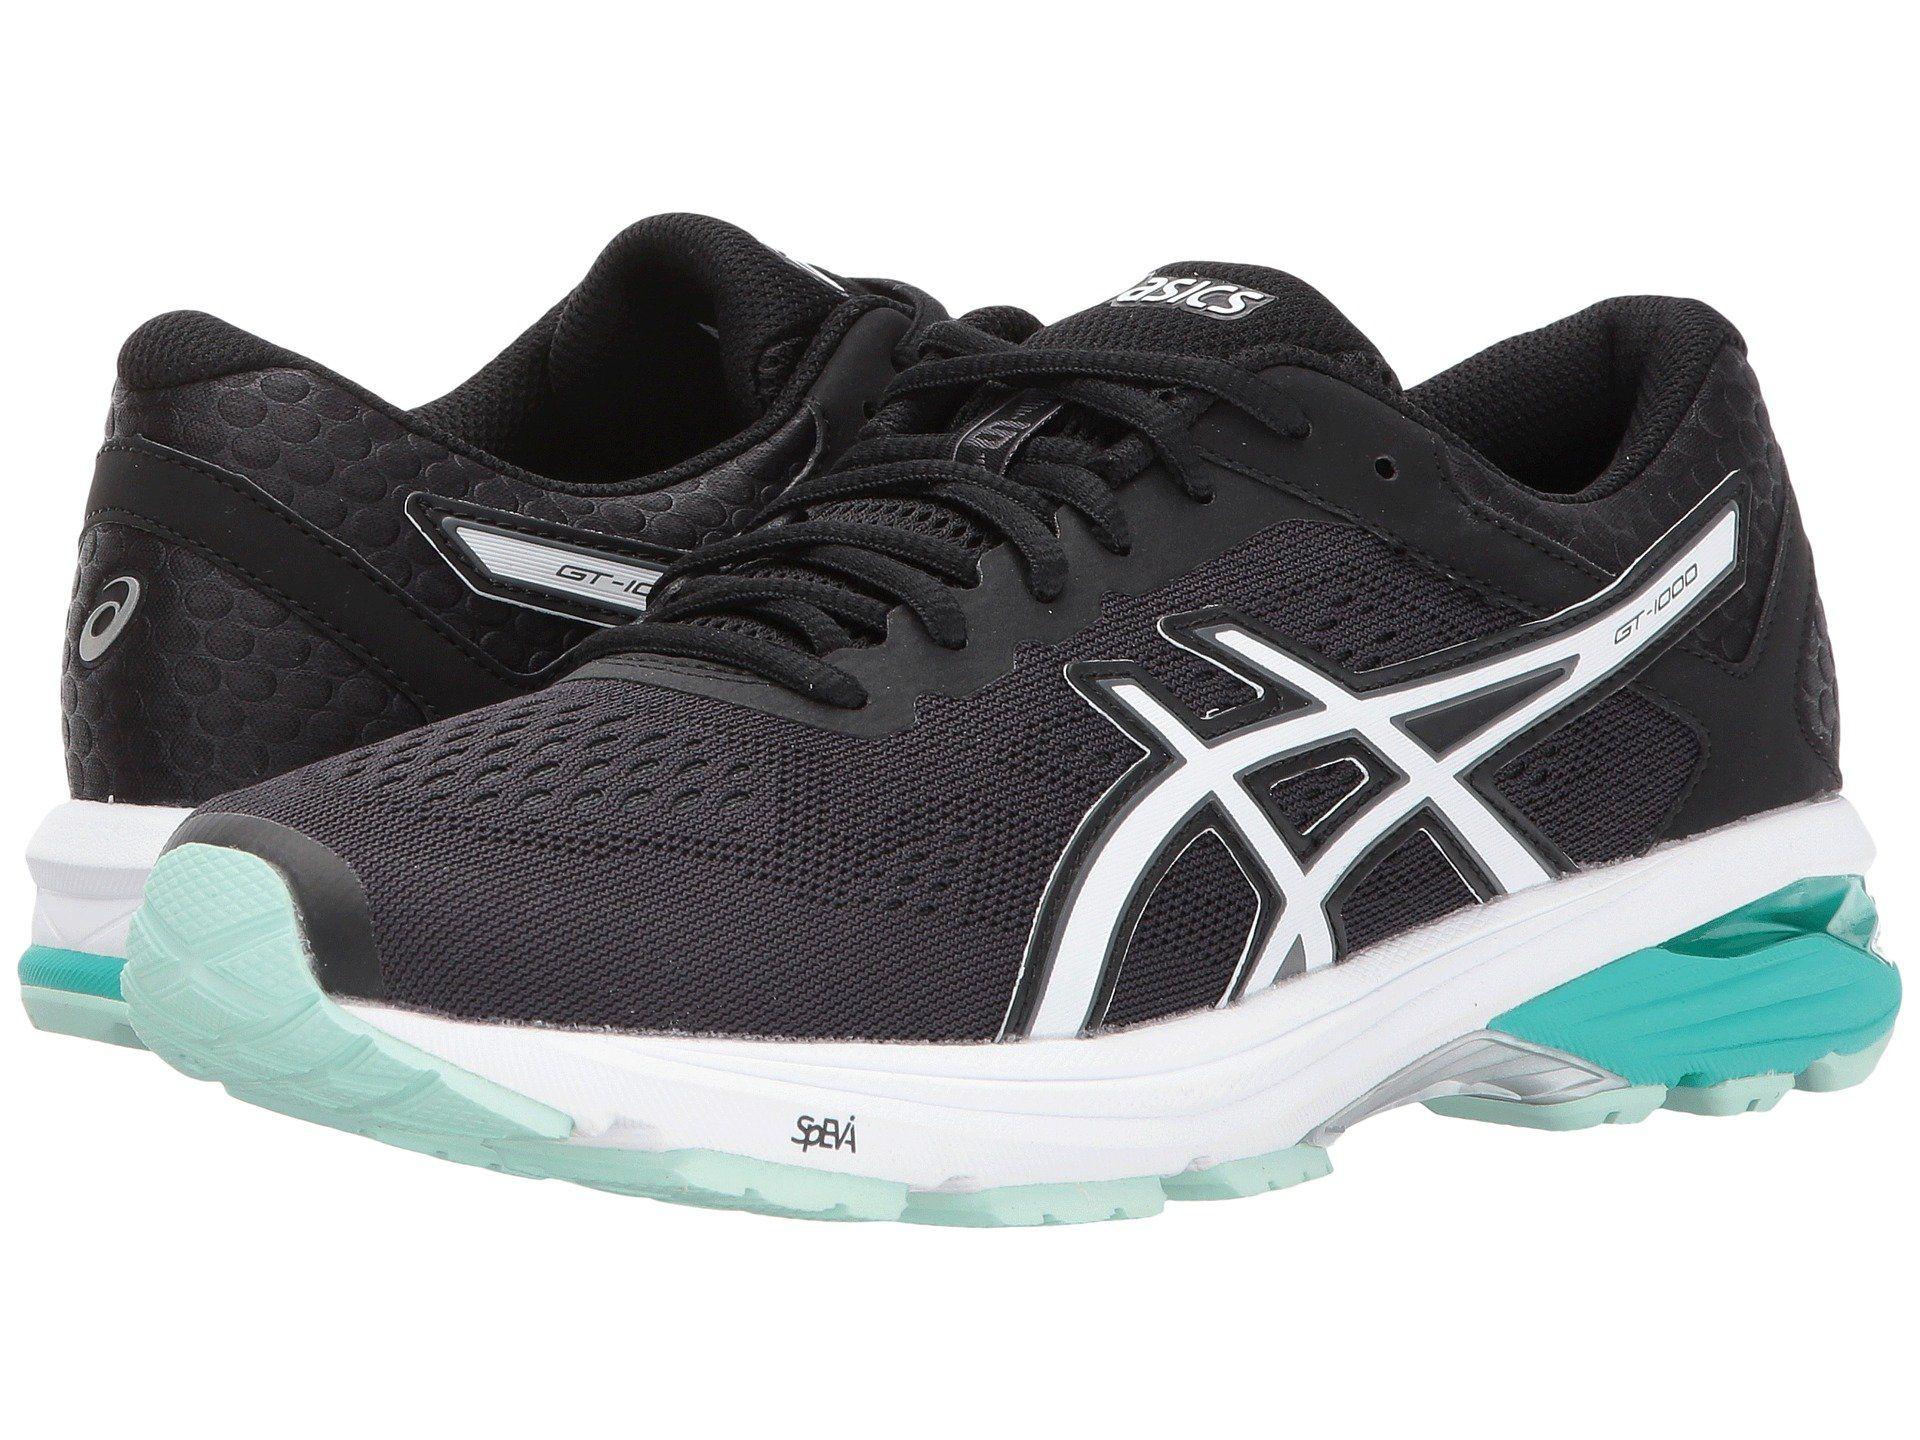 Best Sprint Triathlon Shoes